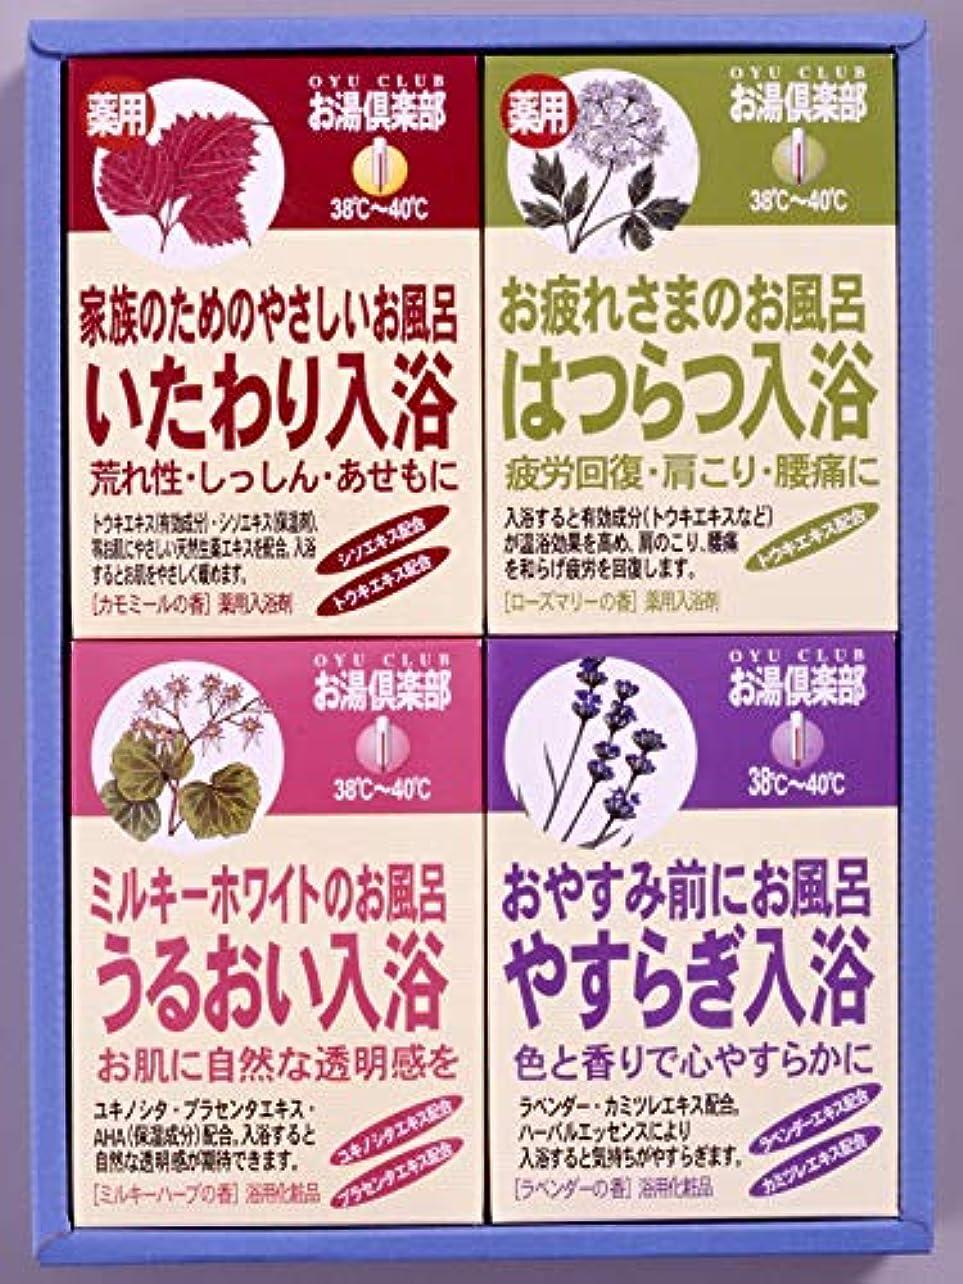 生まれ穀物バレルお湯倶楽部ギフトセット GOC20 [医薬部外品]